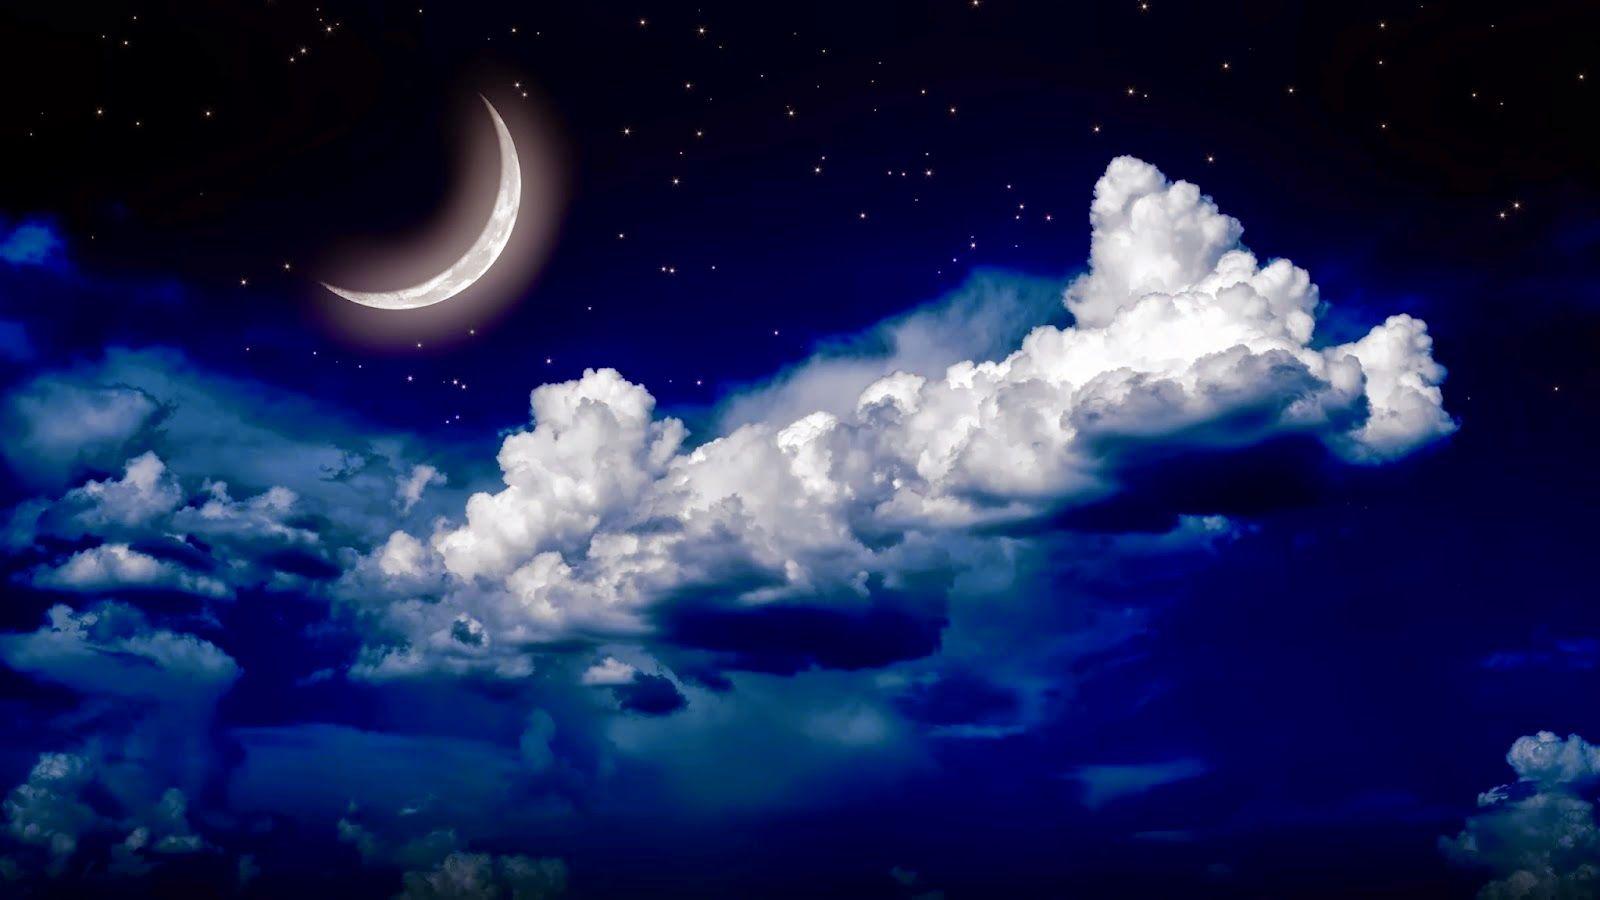 صور مناظر طبيعية صور طبيعة صورة فى صورة Night Aesthetic Aesthetic Space Night Clouds